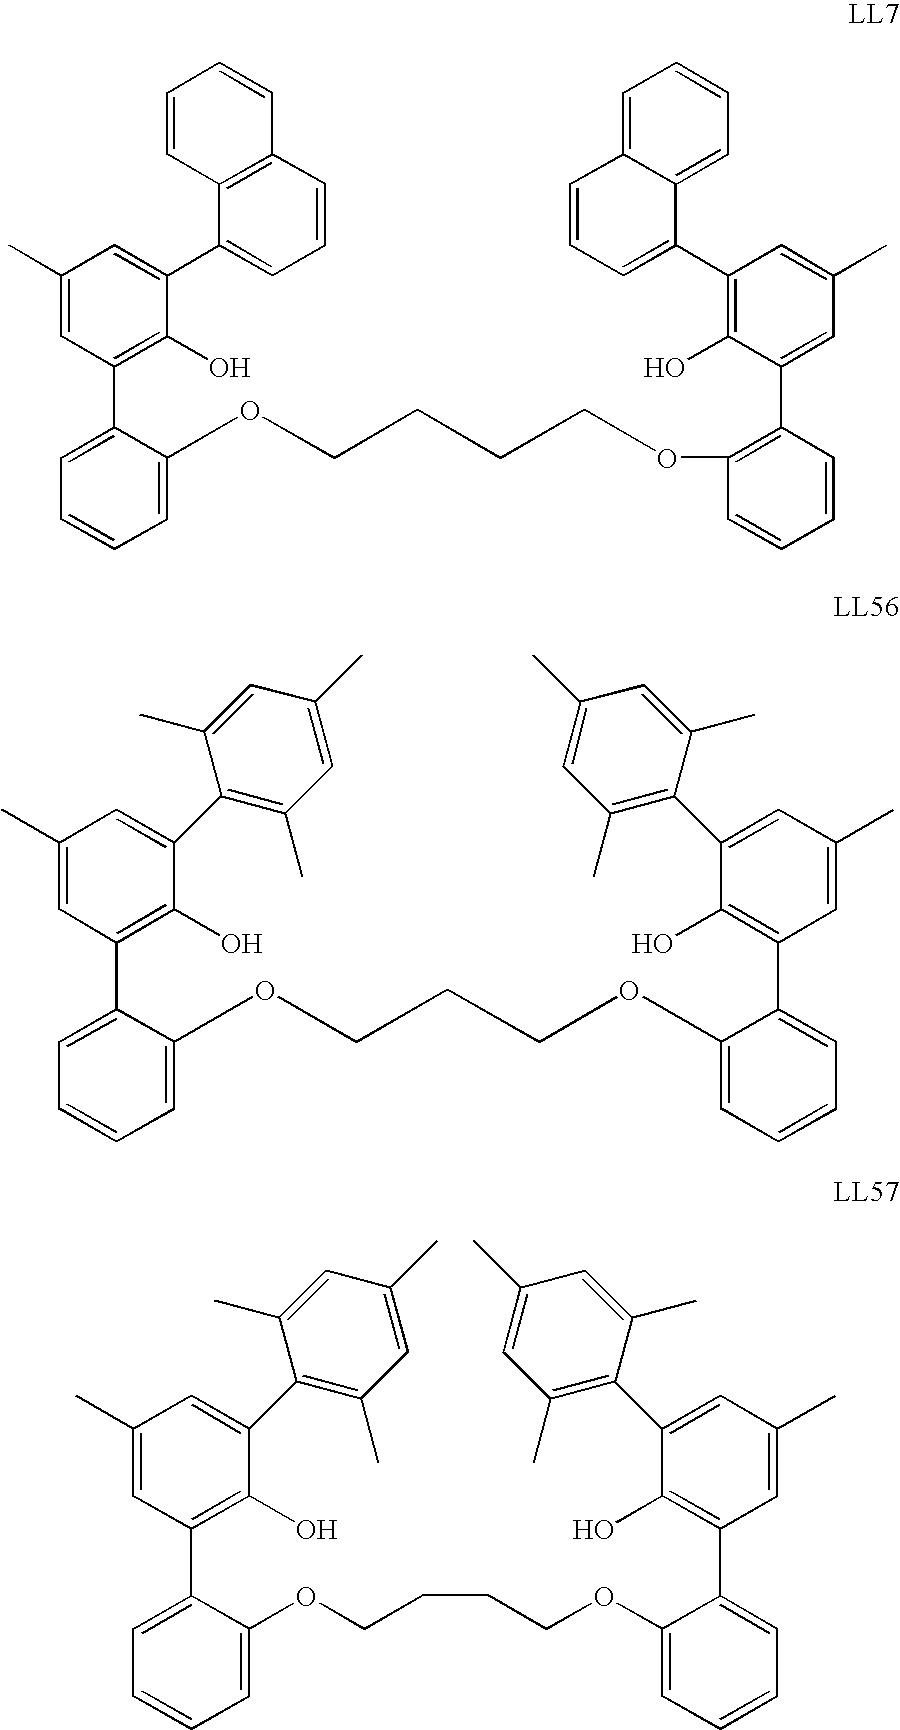 Figure US07241715-20070710-C00020